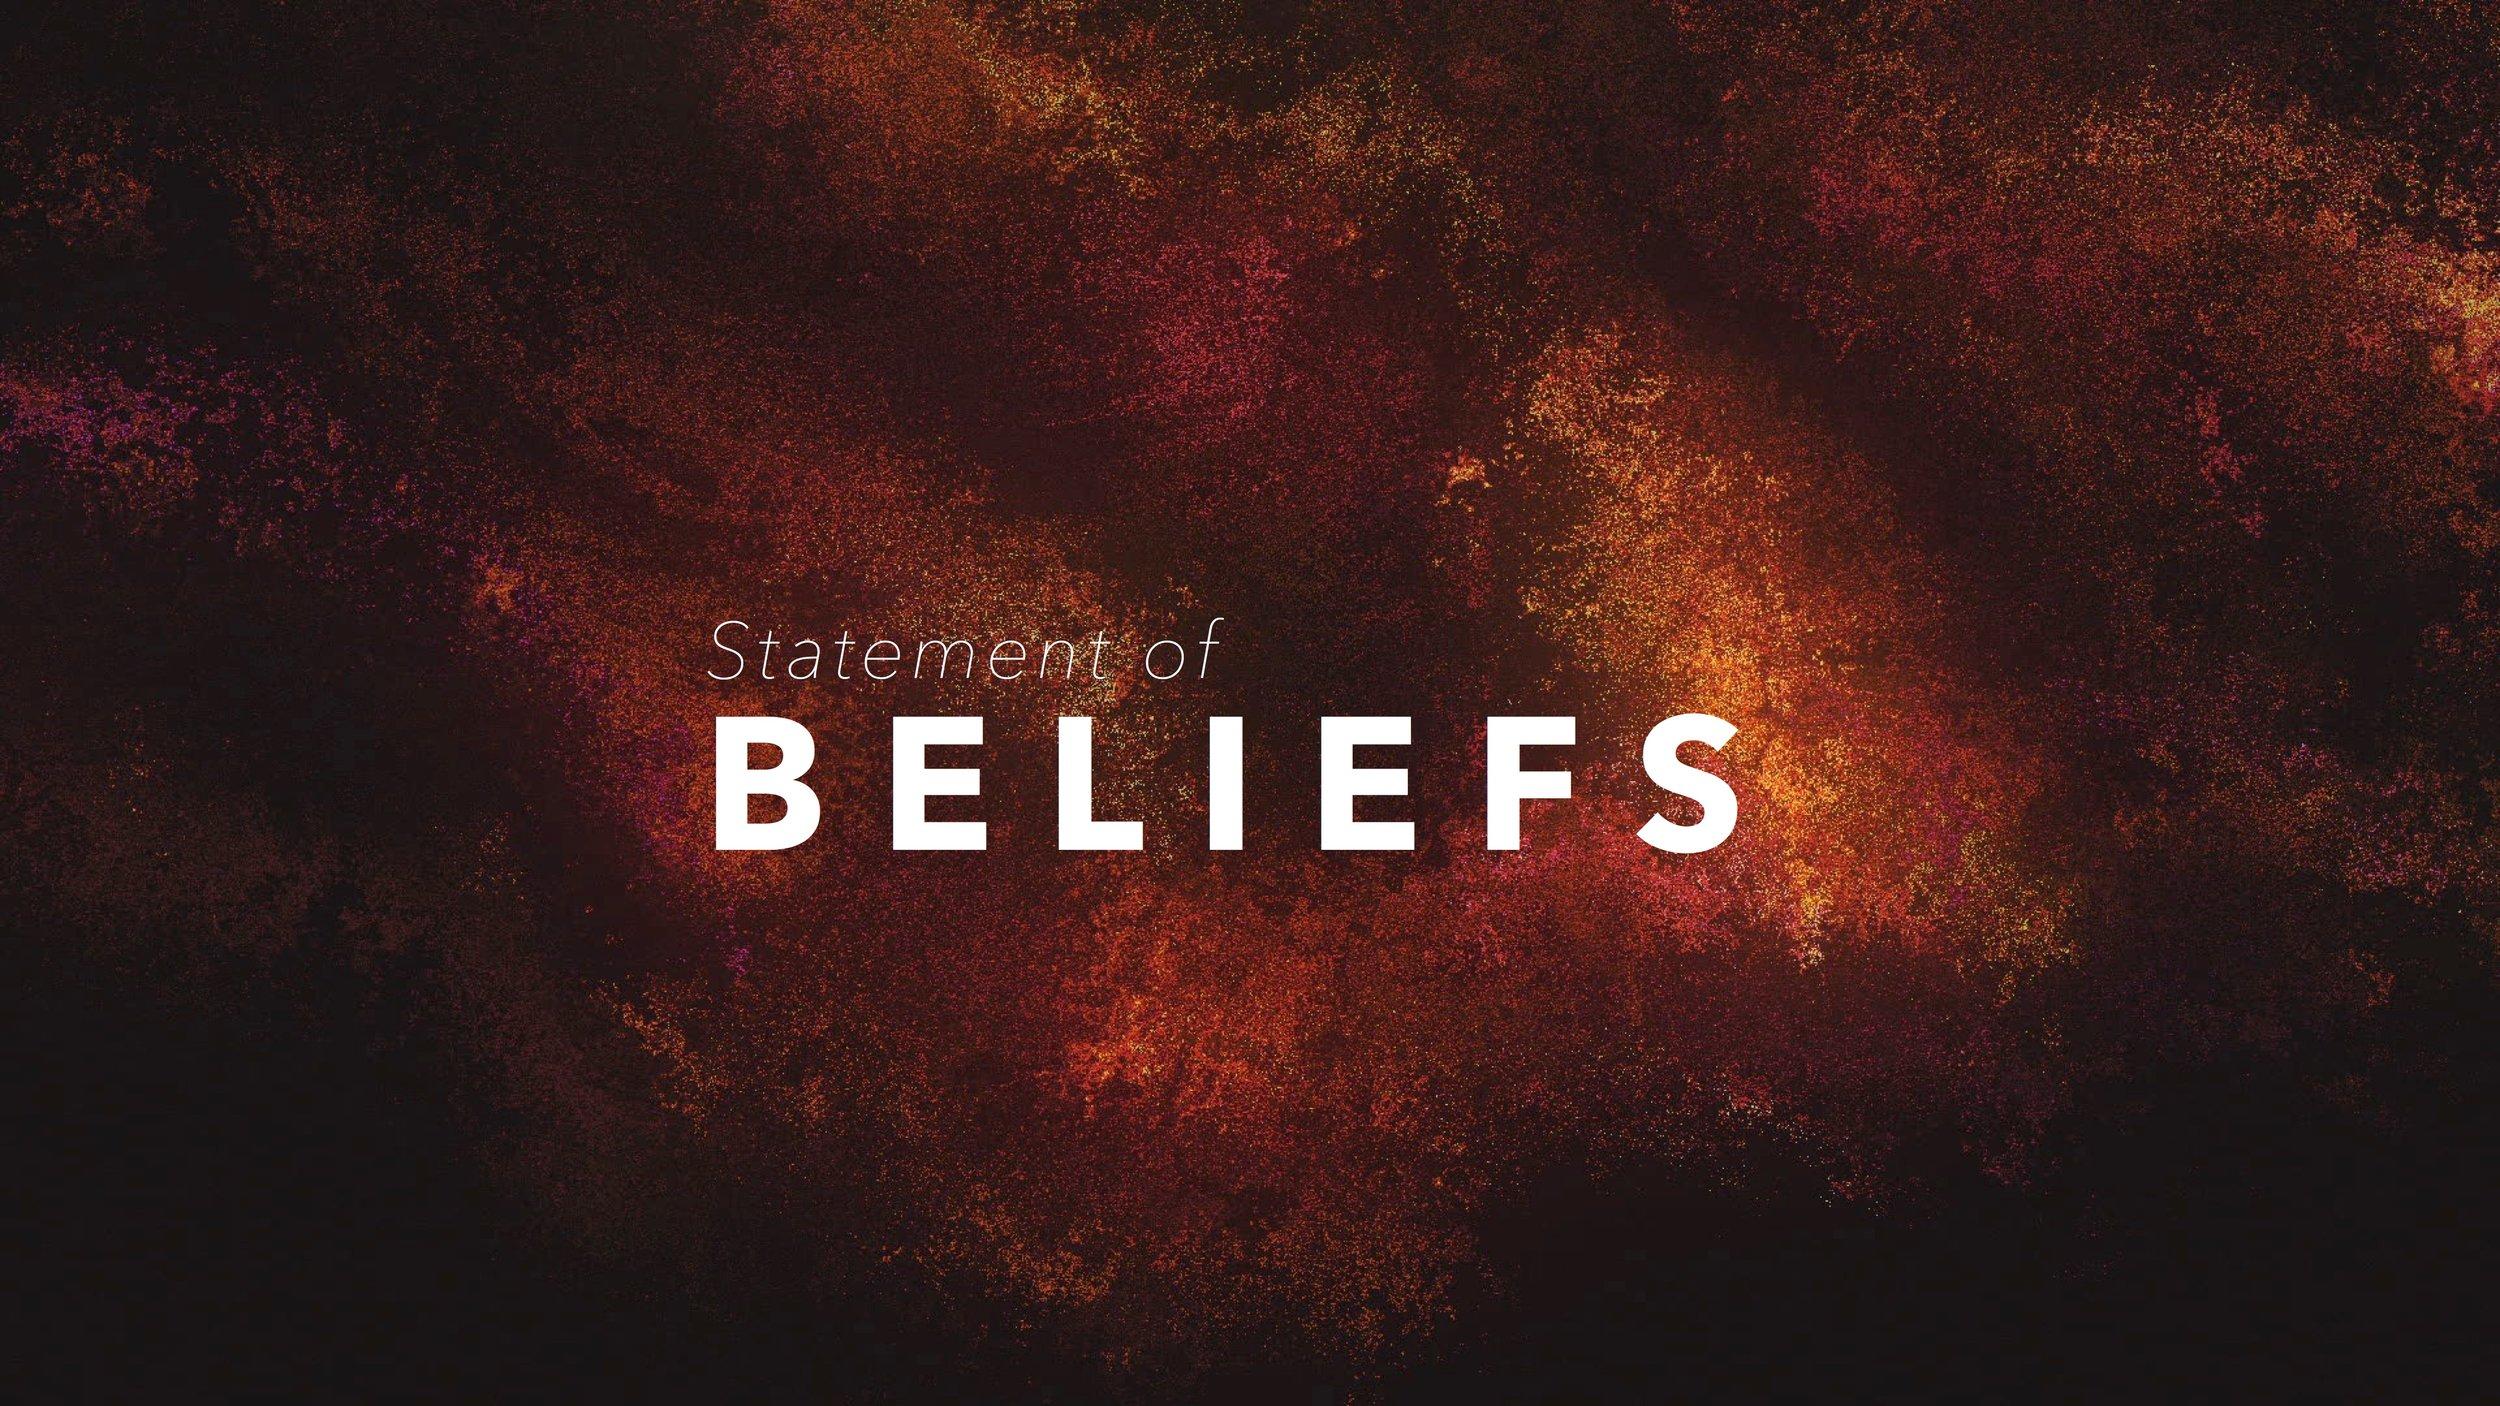 statement of beliefs header.jpg